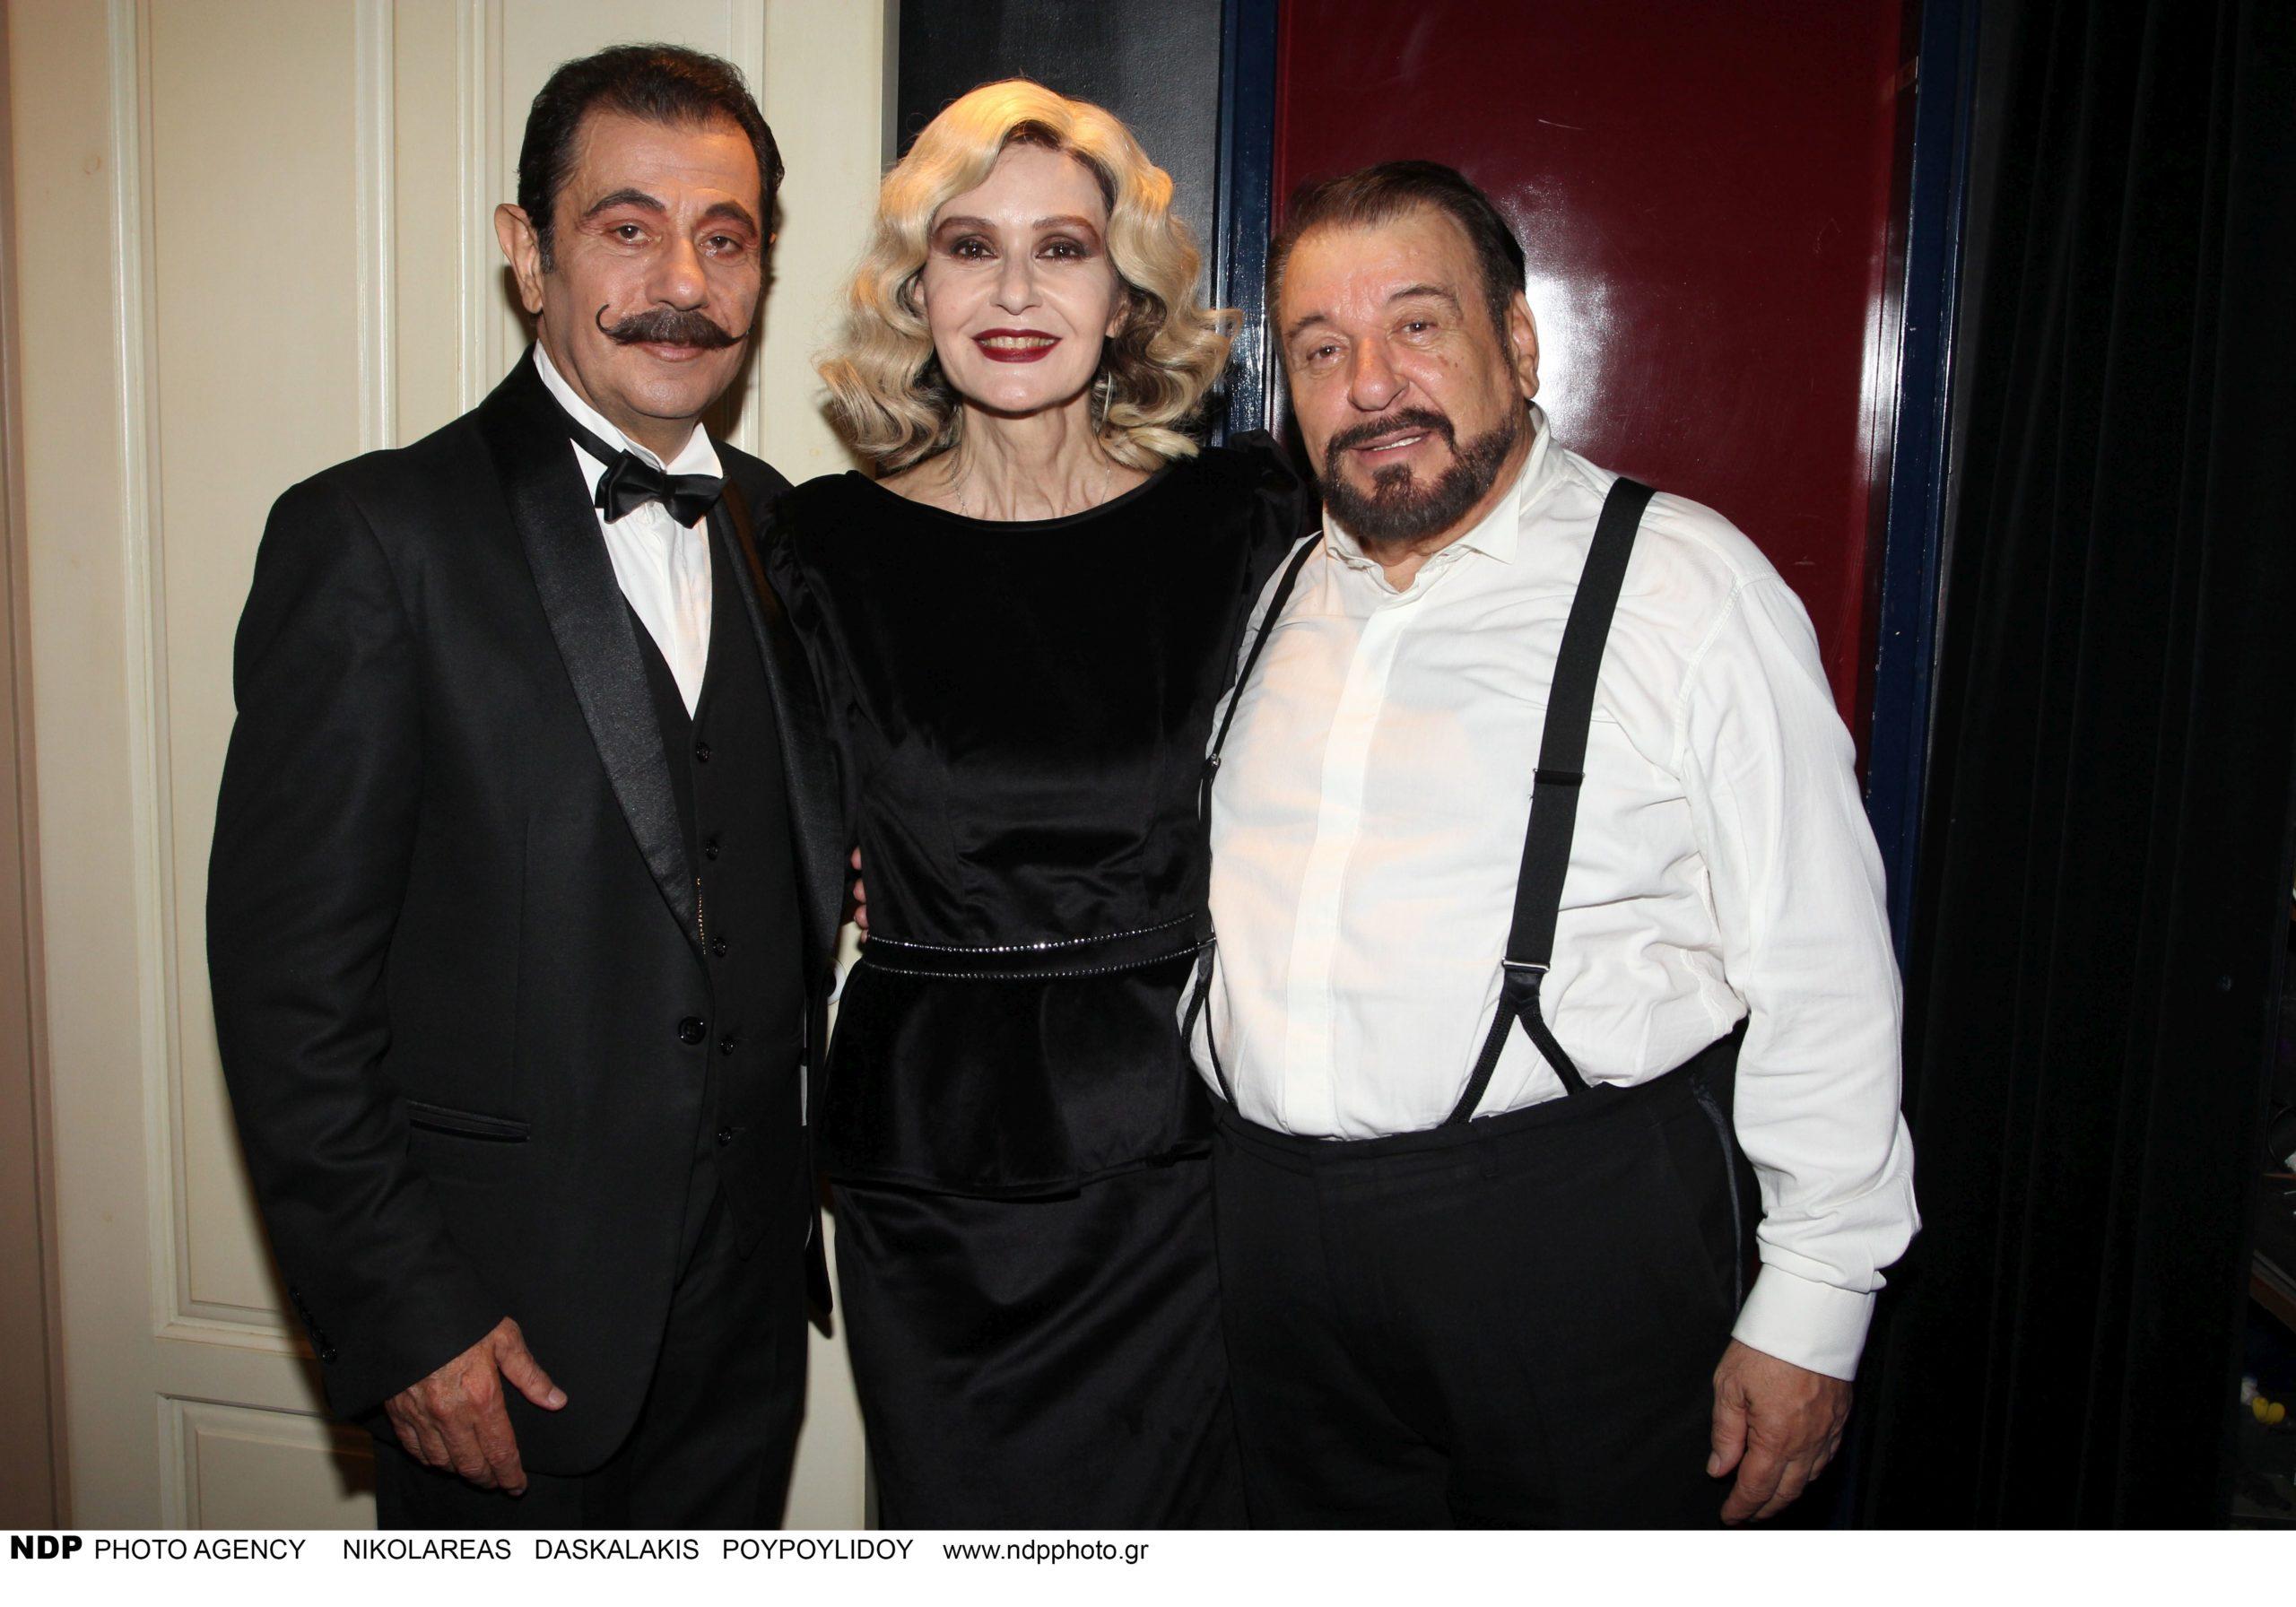 Δάνης Κατρανίδης, Κάτια Δανδουλάκη, Τάσος Χαλκιάς στην παράσταση Orient Express